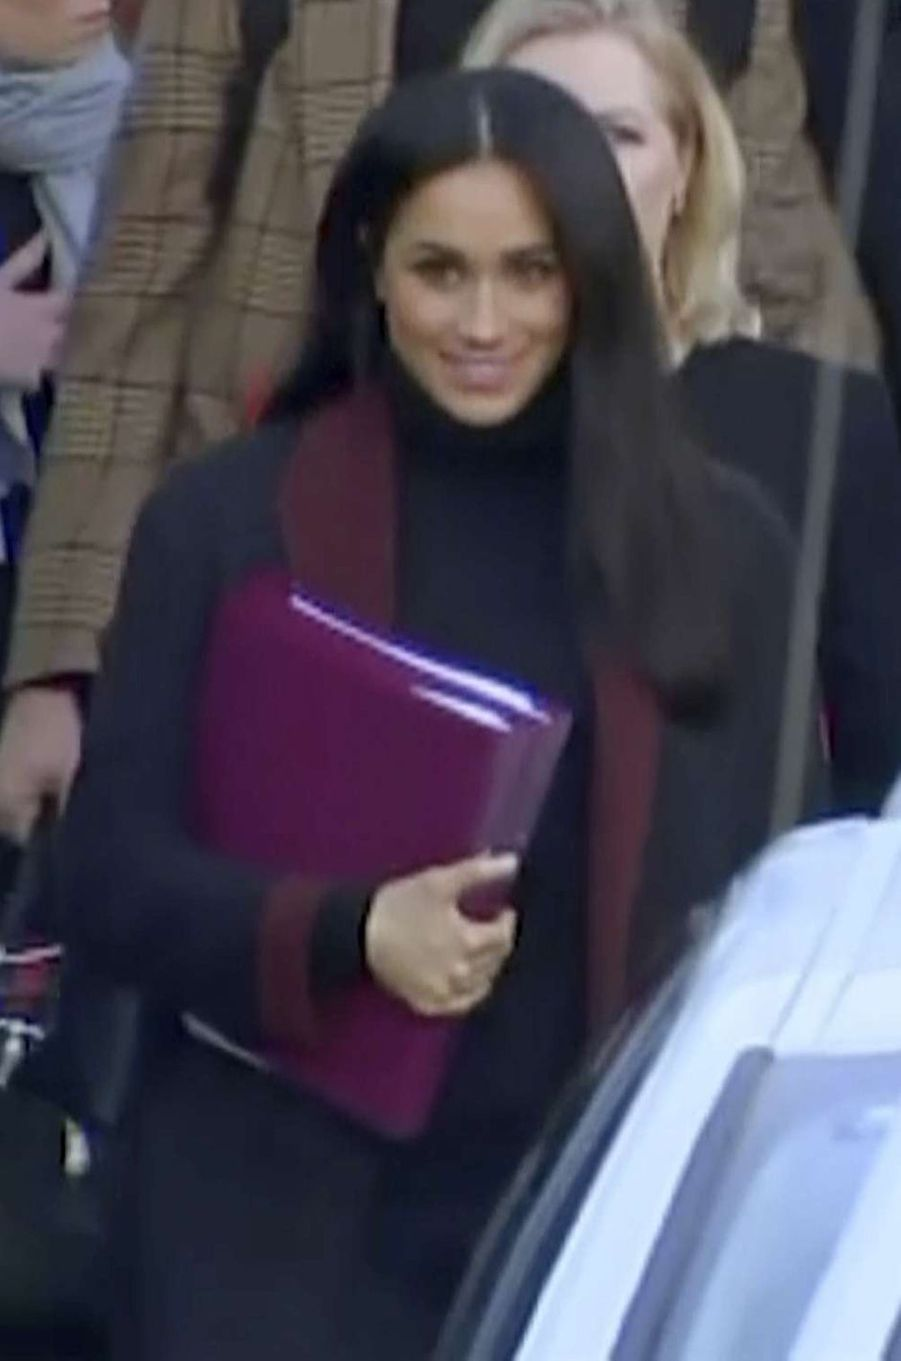 Meghan Markle lors de son arrivée en Australie, le 15 octobre 2018